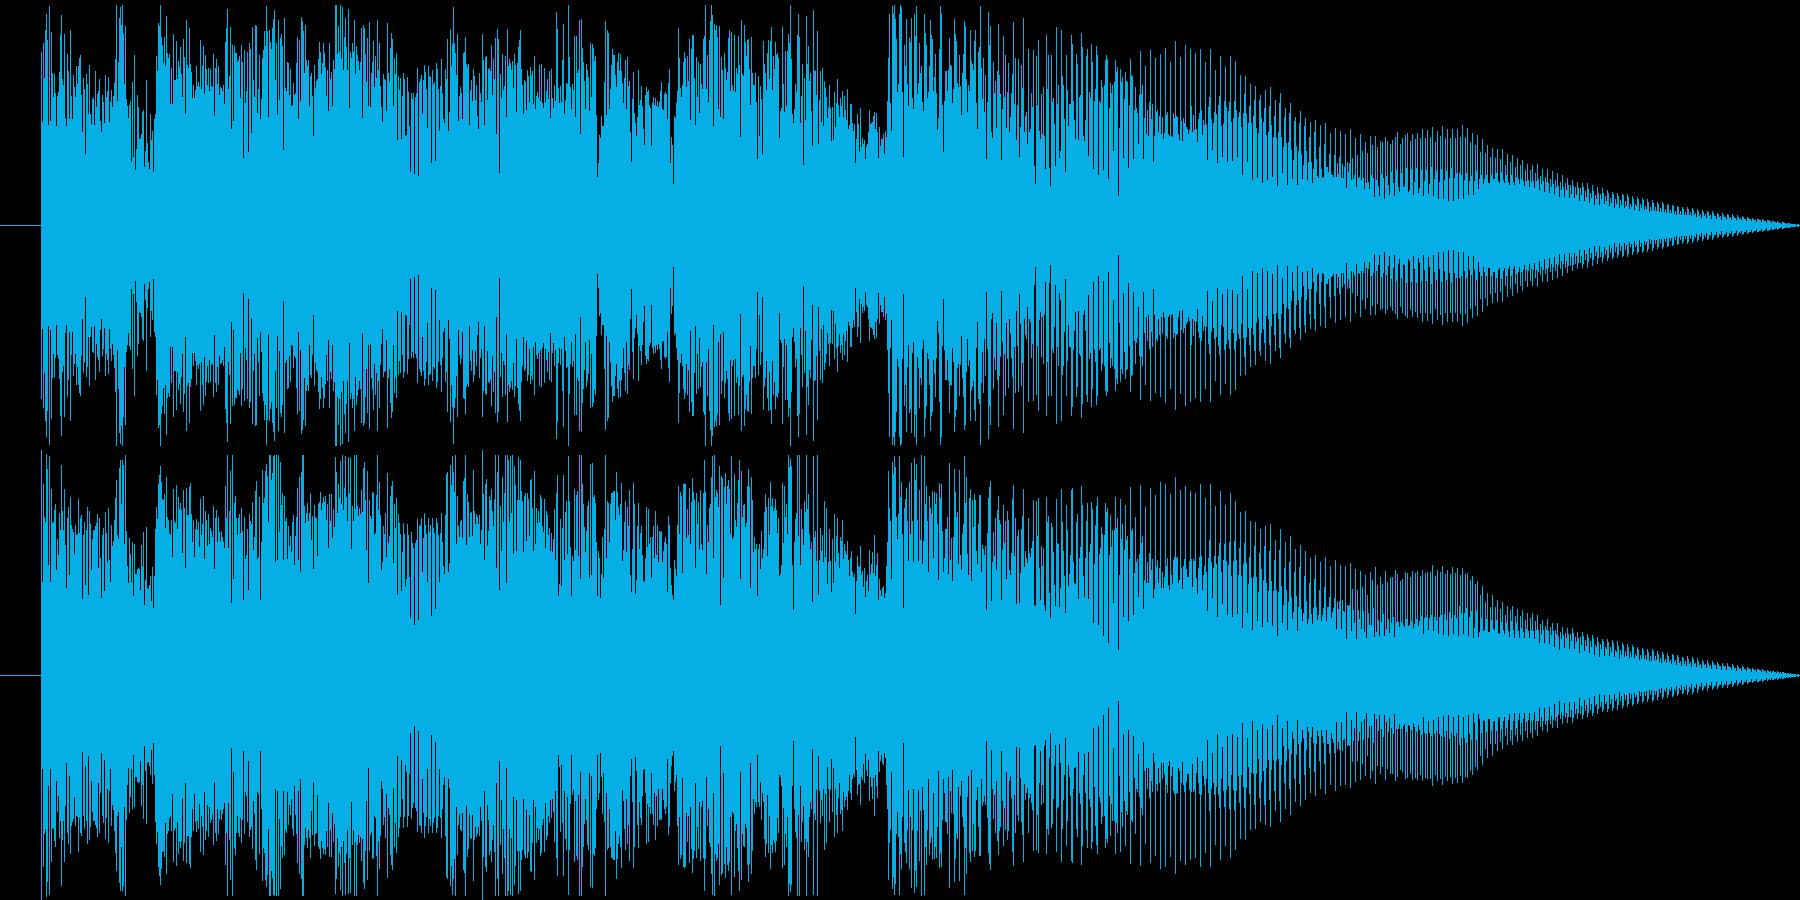 ジャジーなジングル1の再生済みの波形